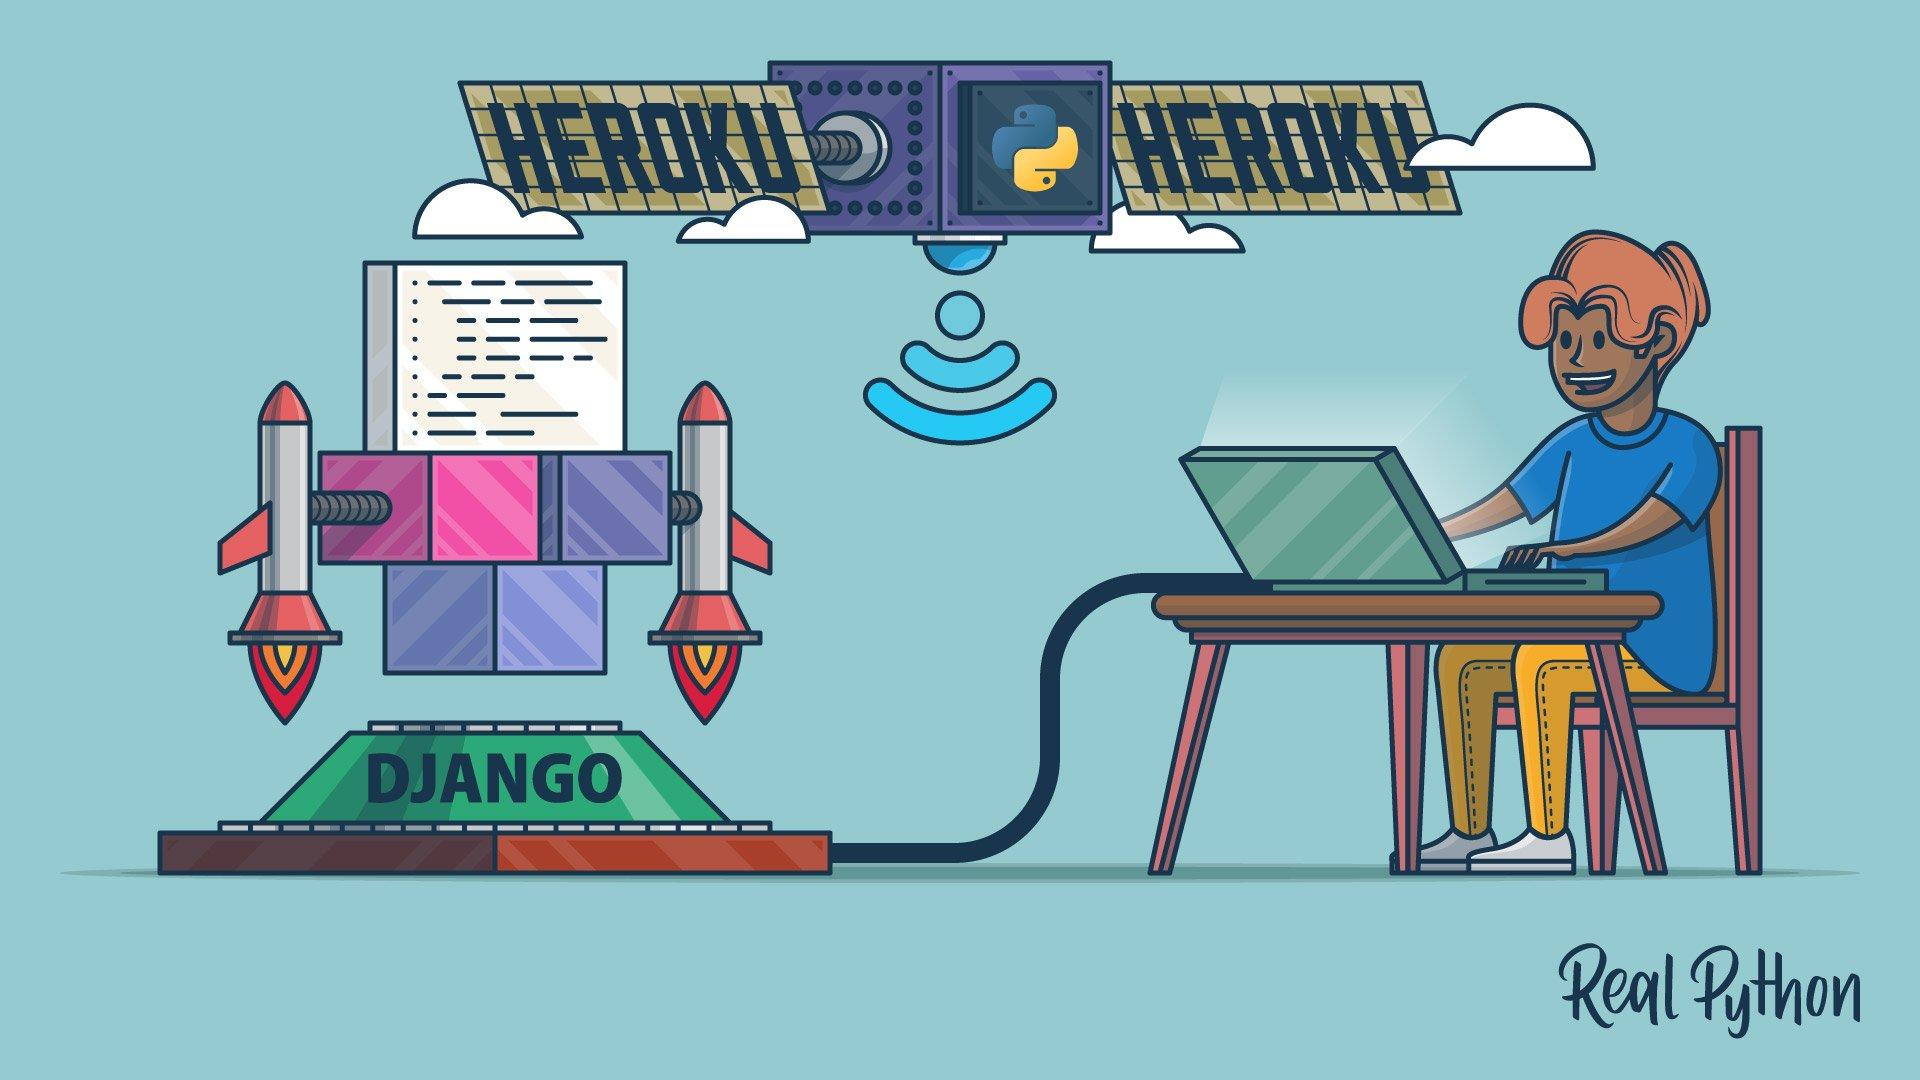 Hosting a Django Project on Heroku